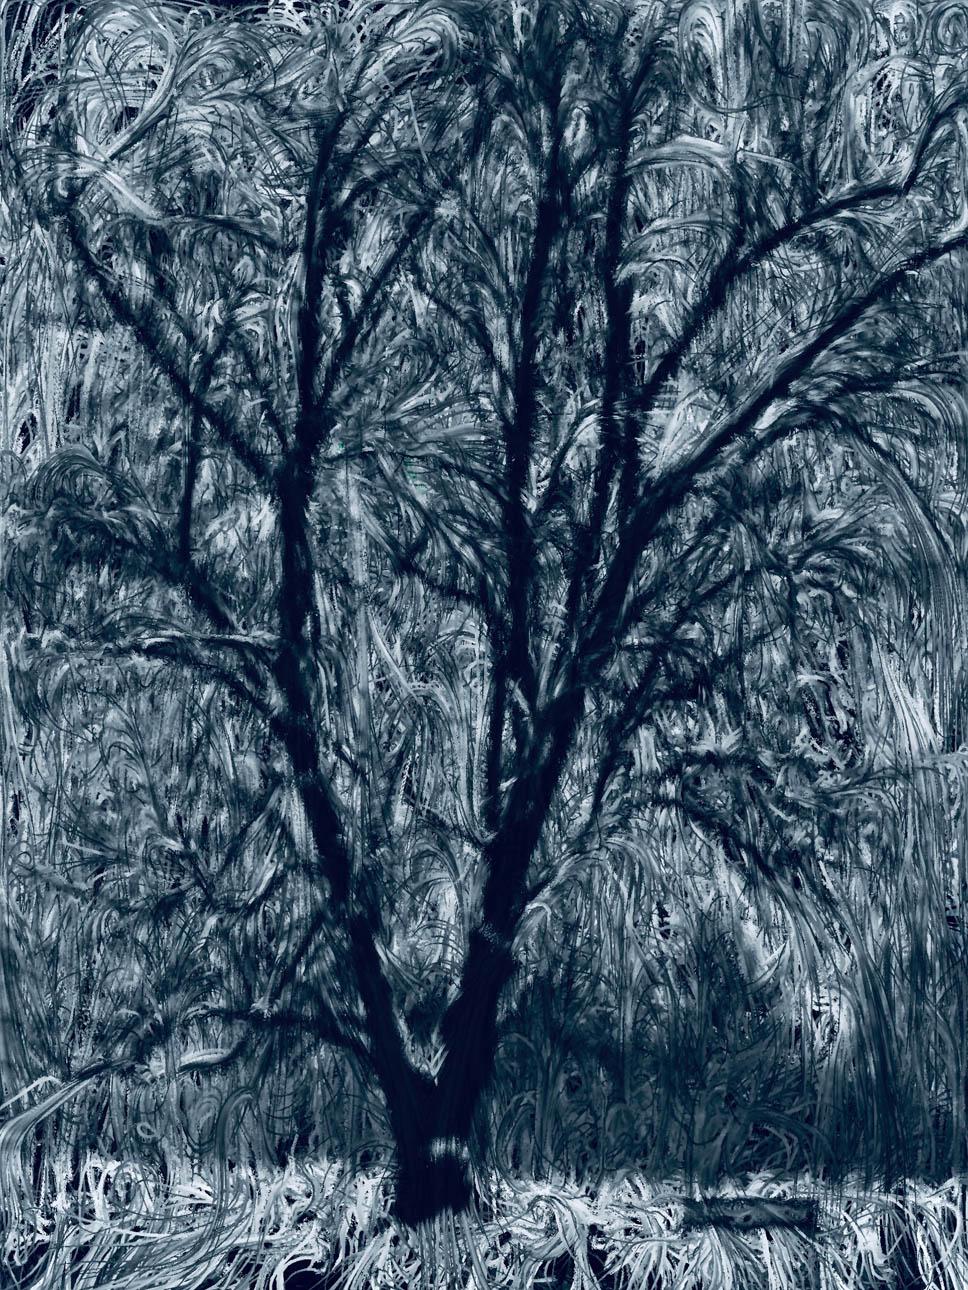 Tree of Twisted Air - Brian VanKorn